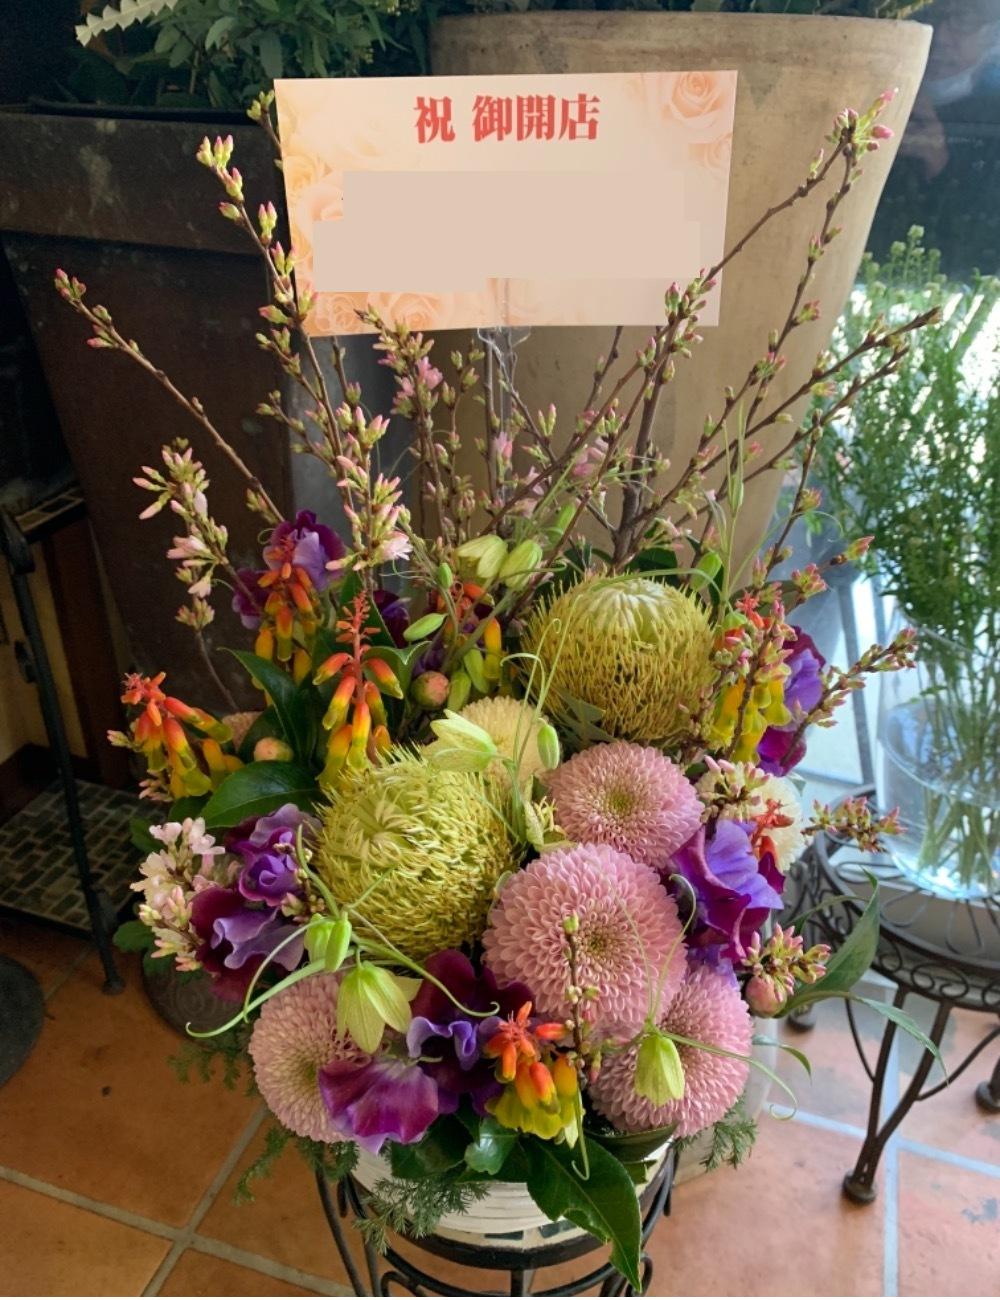 「応援の気持ちとメッセージを込めて」和食割烹様に贈る和のテイストが入ったモダンな開店祝い花